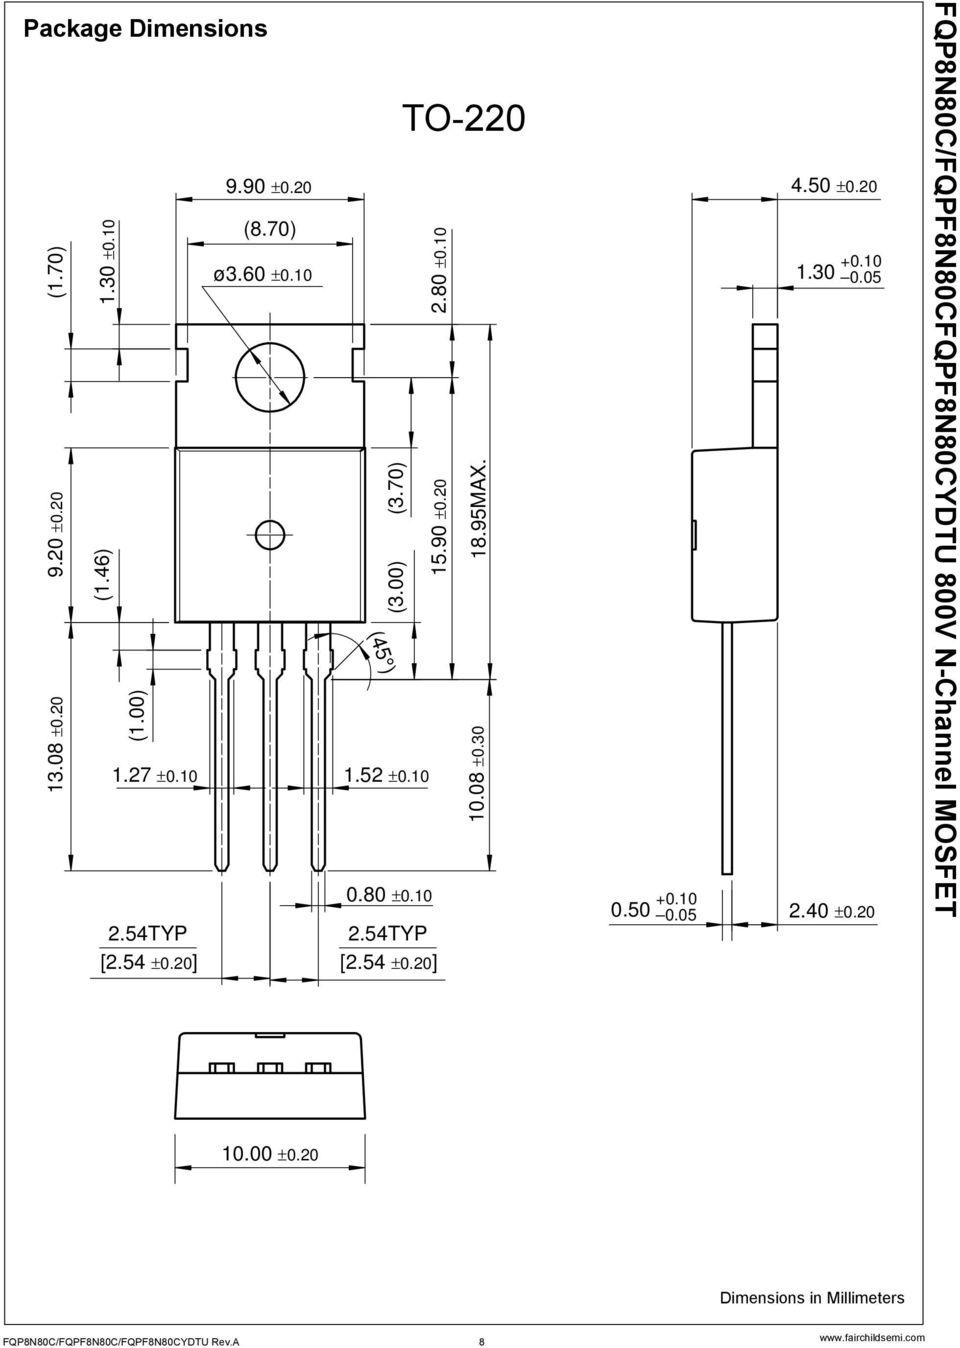 medium resolution of 54 0 20 to 220 10 08 0 30 18 95max 0 50 0 10